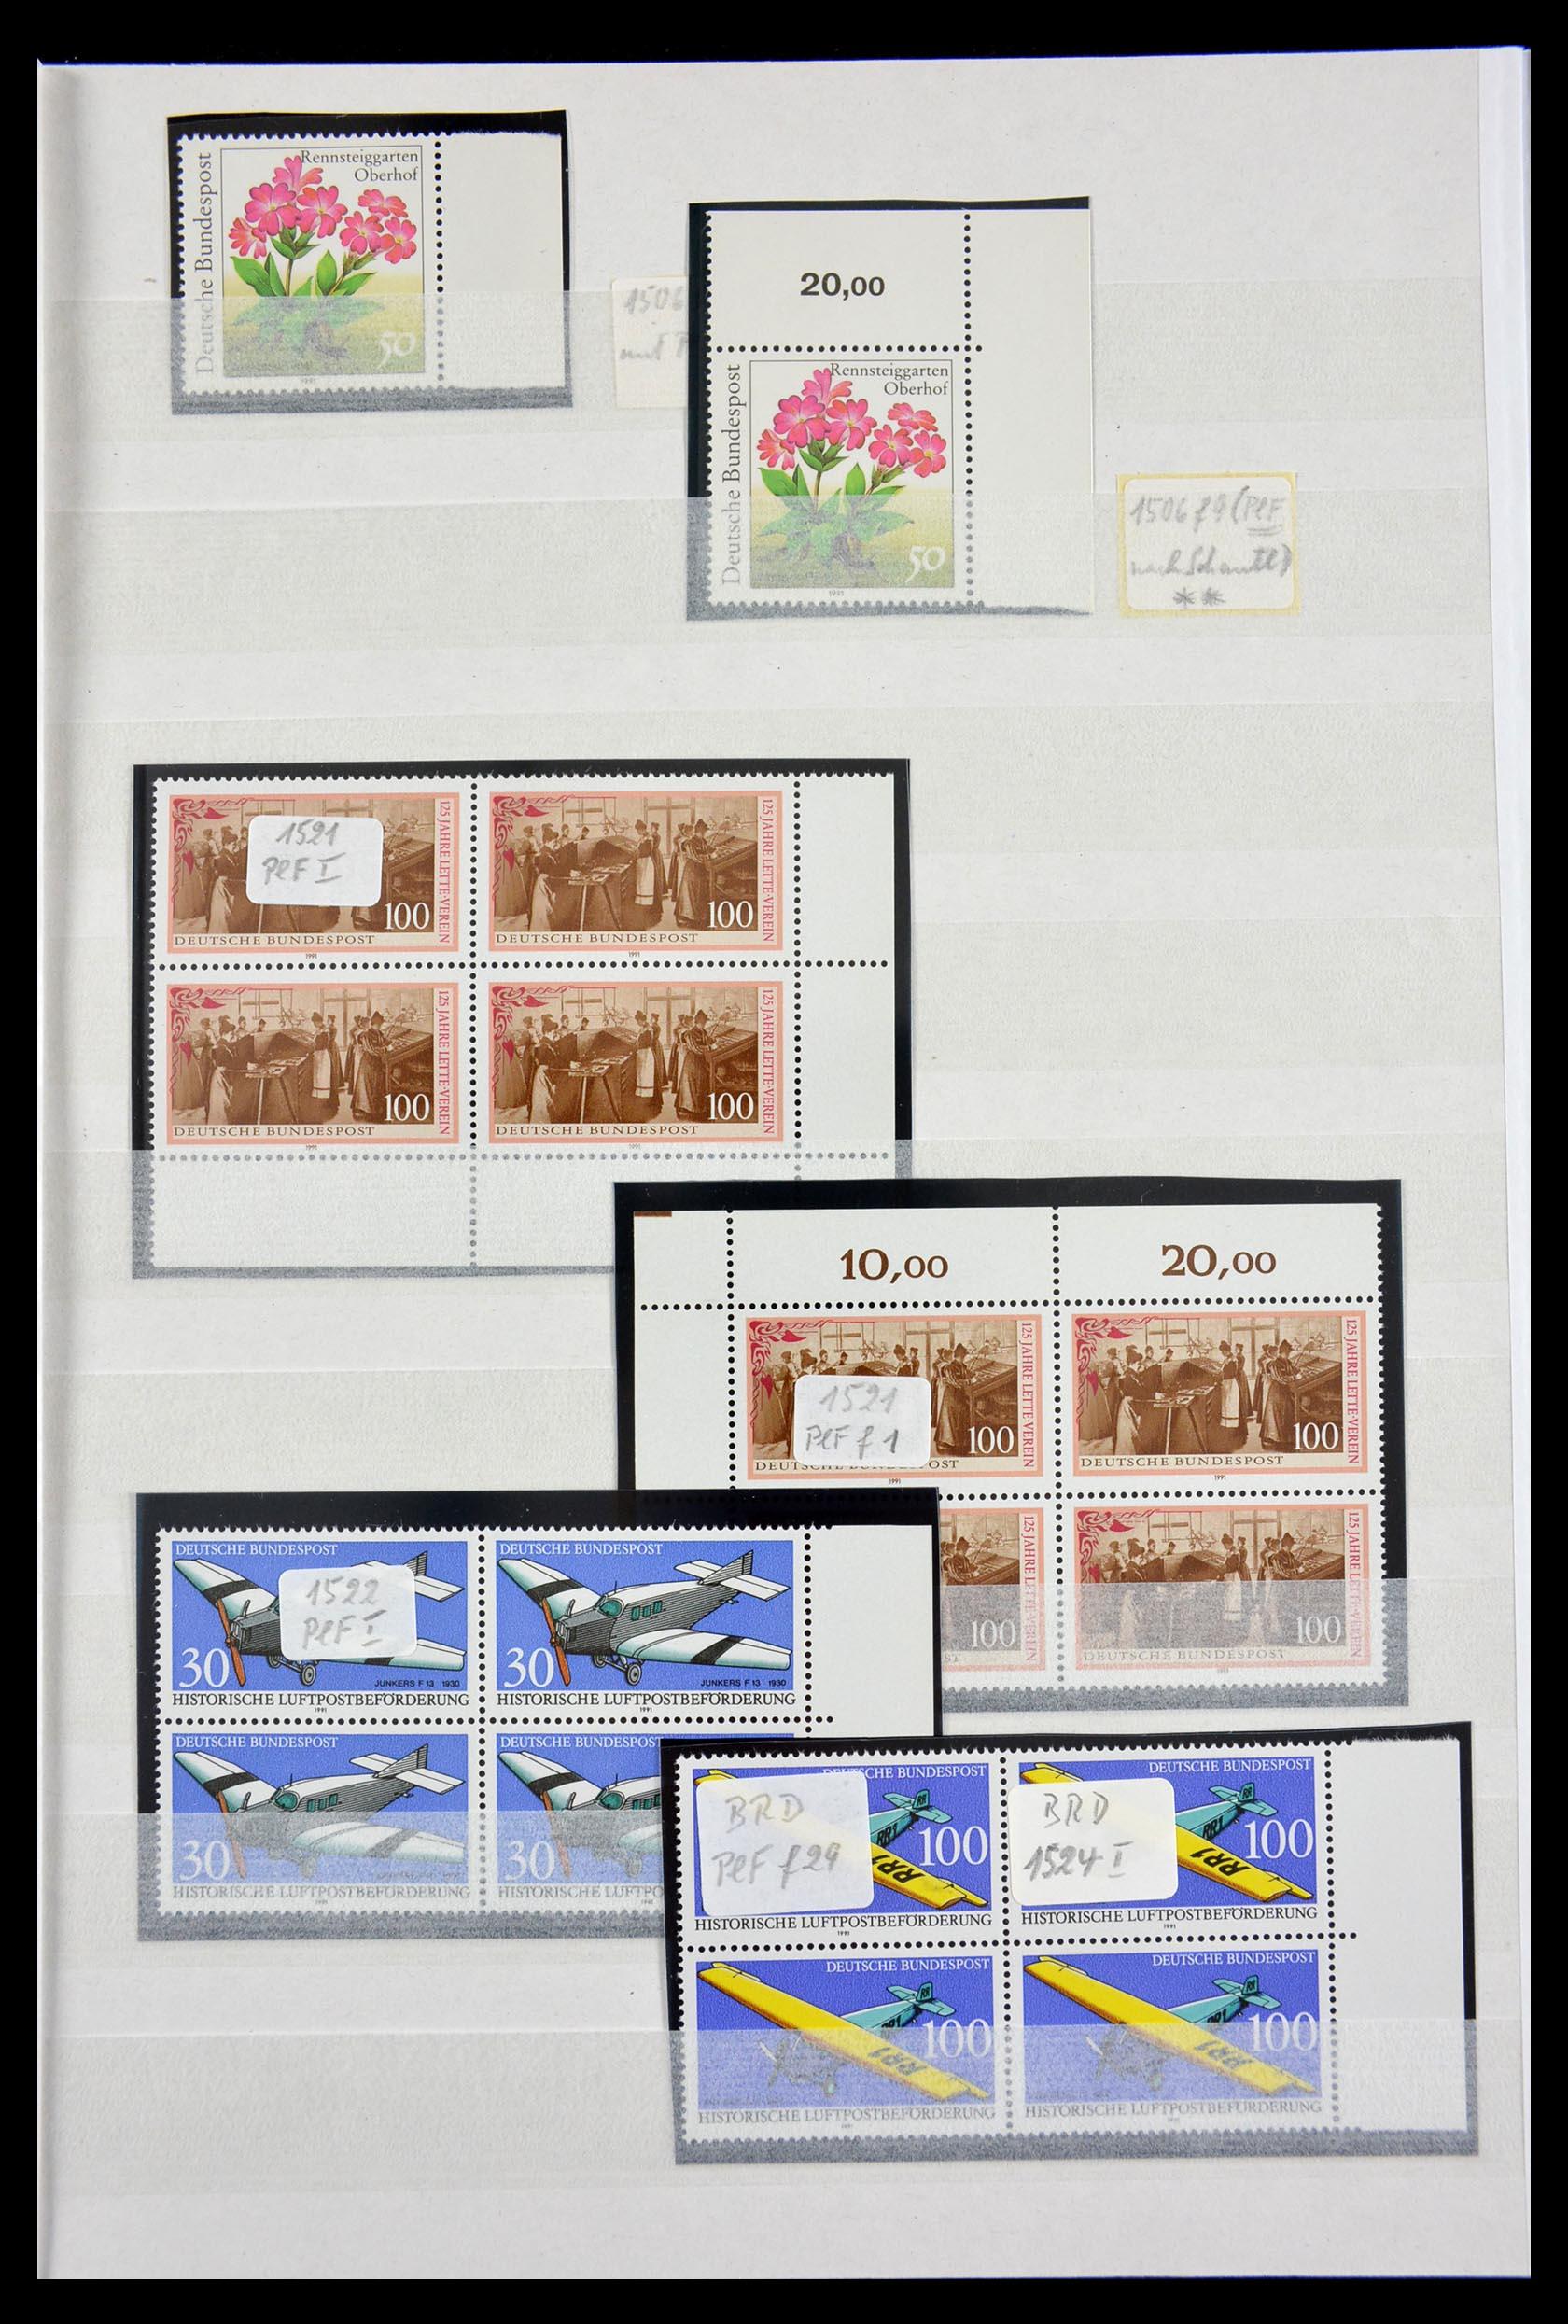 29491 019 - 29491 Bundespost plateflaws 1957-1994.